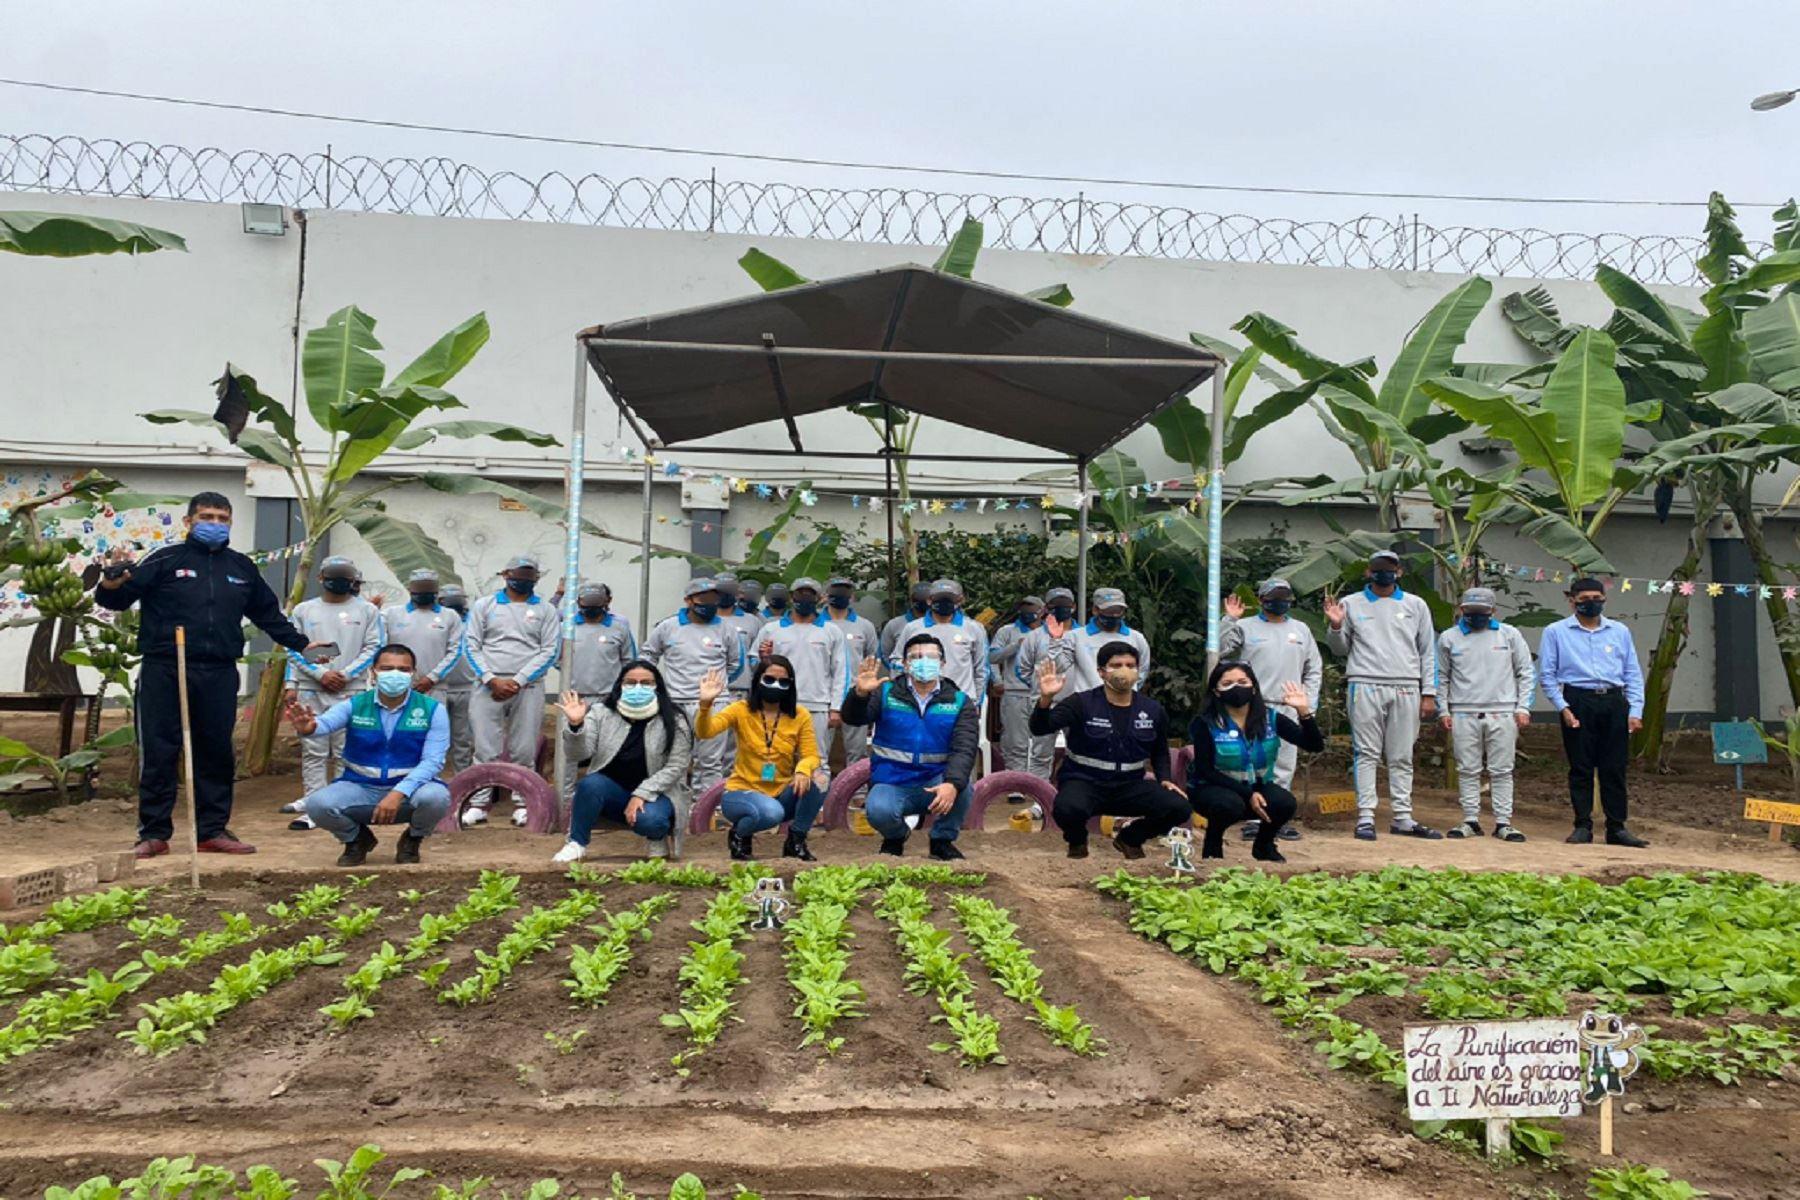 Jóvenes del centro Maranguita implementaron jardín educativo Makaspa Maravillata . Foto: difusión.